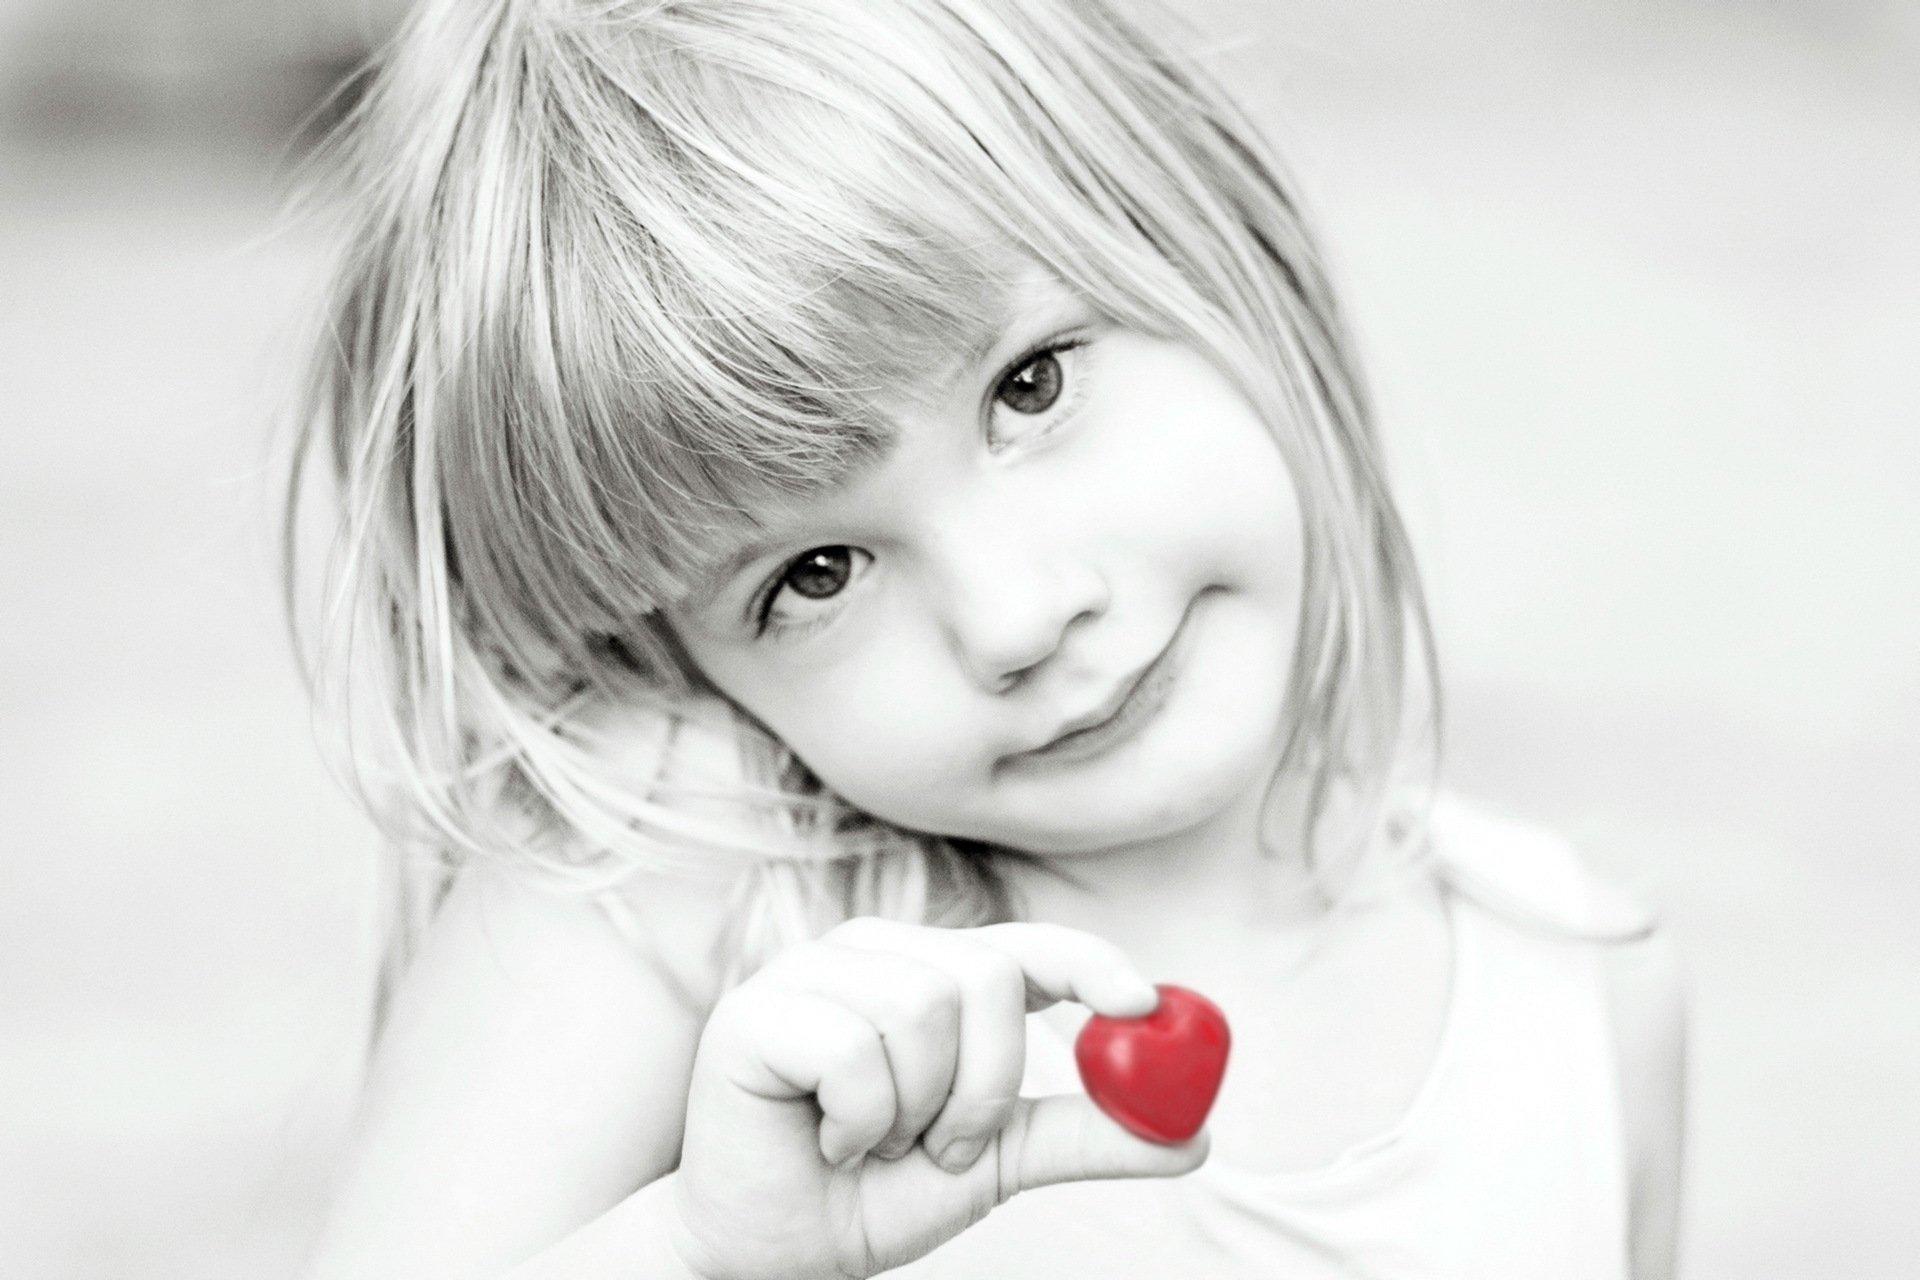 Картинка на аватарку маленькие девочки